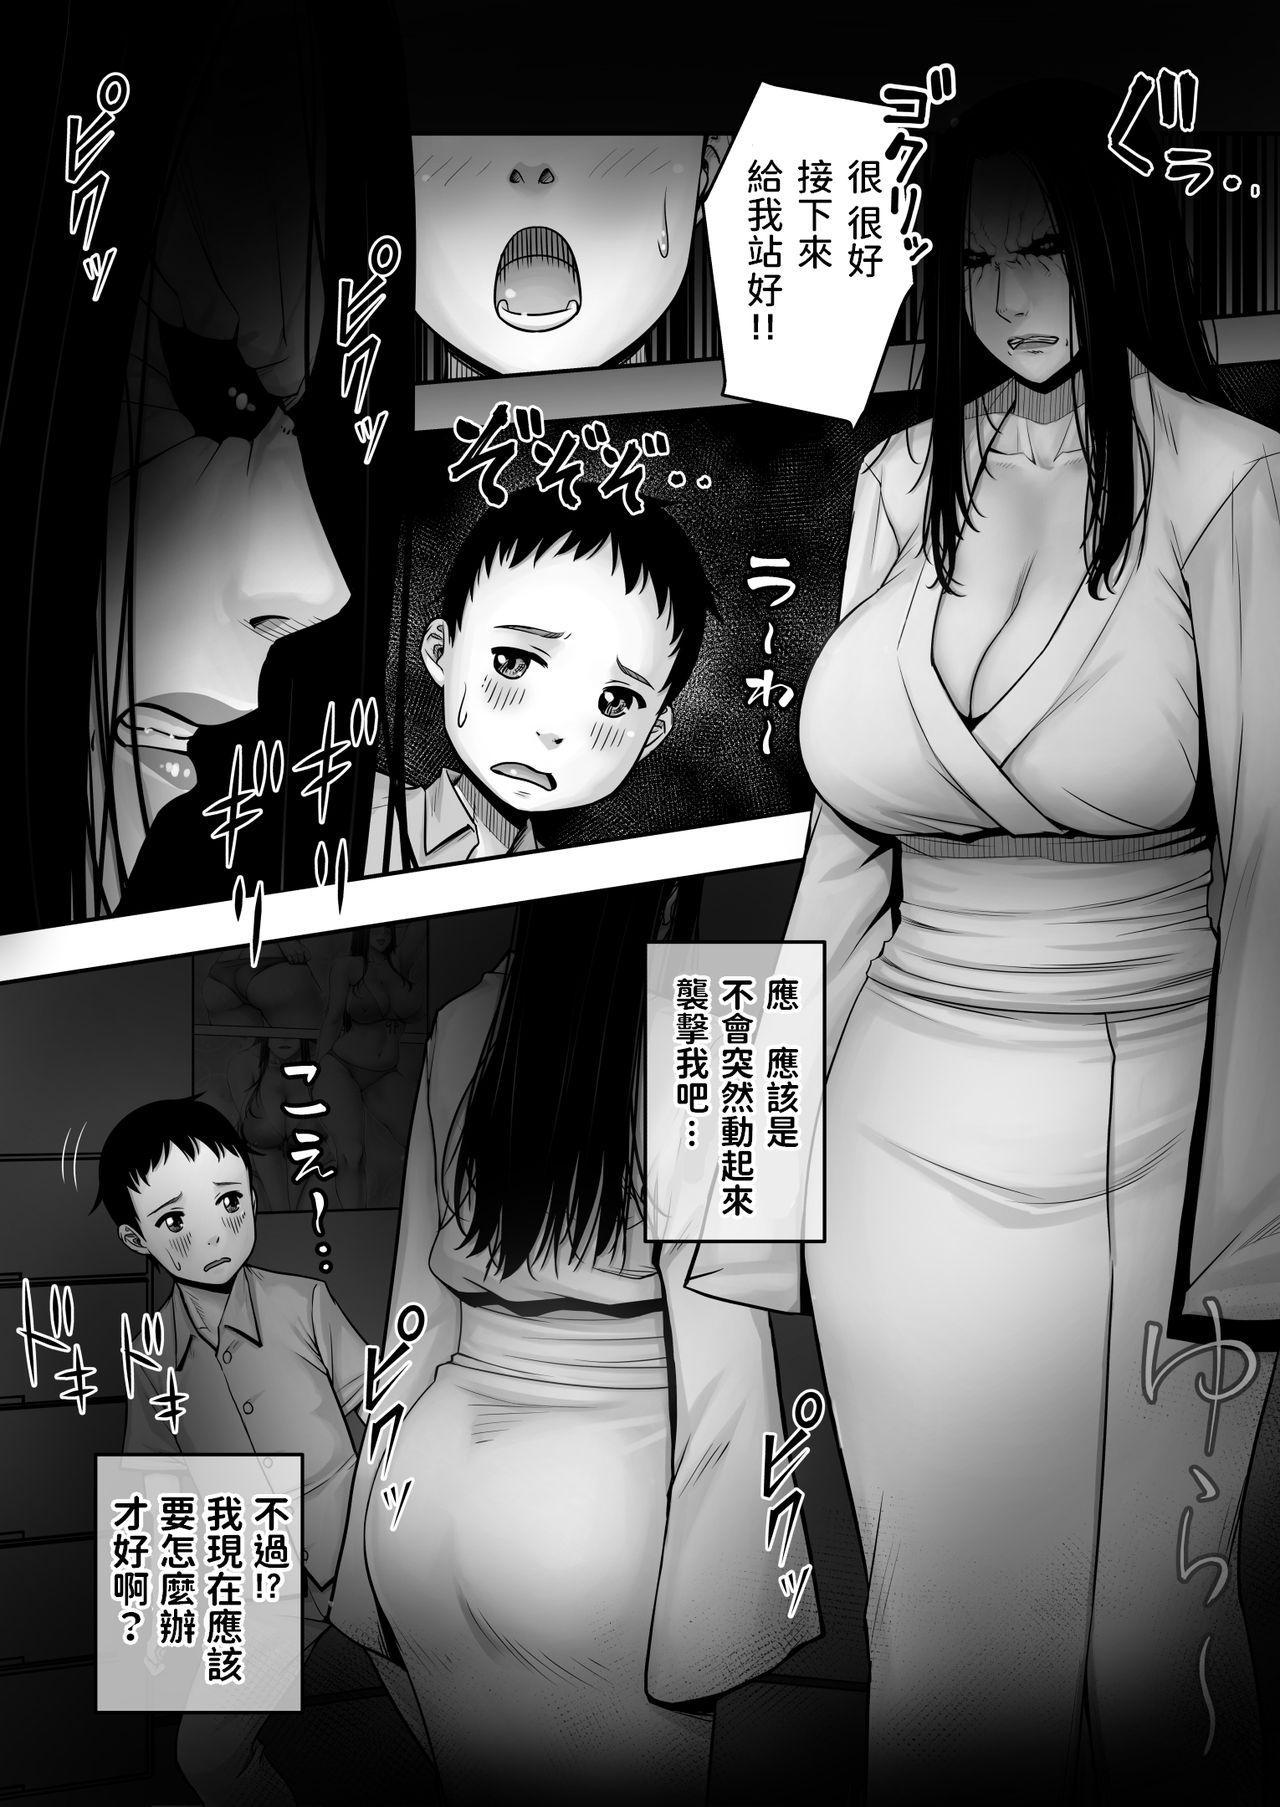 Doutei ga Heya ni Toritsuite Iru Onna Yuurei ni Gyaku Kanashibari o Kaketa Kekka 6